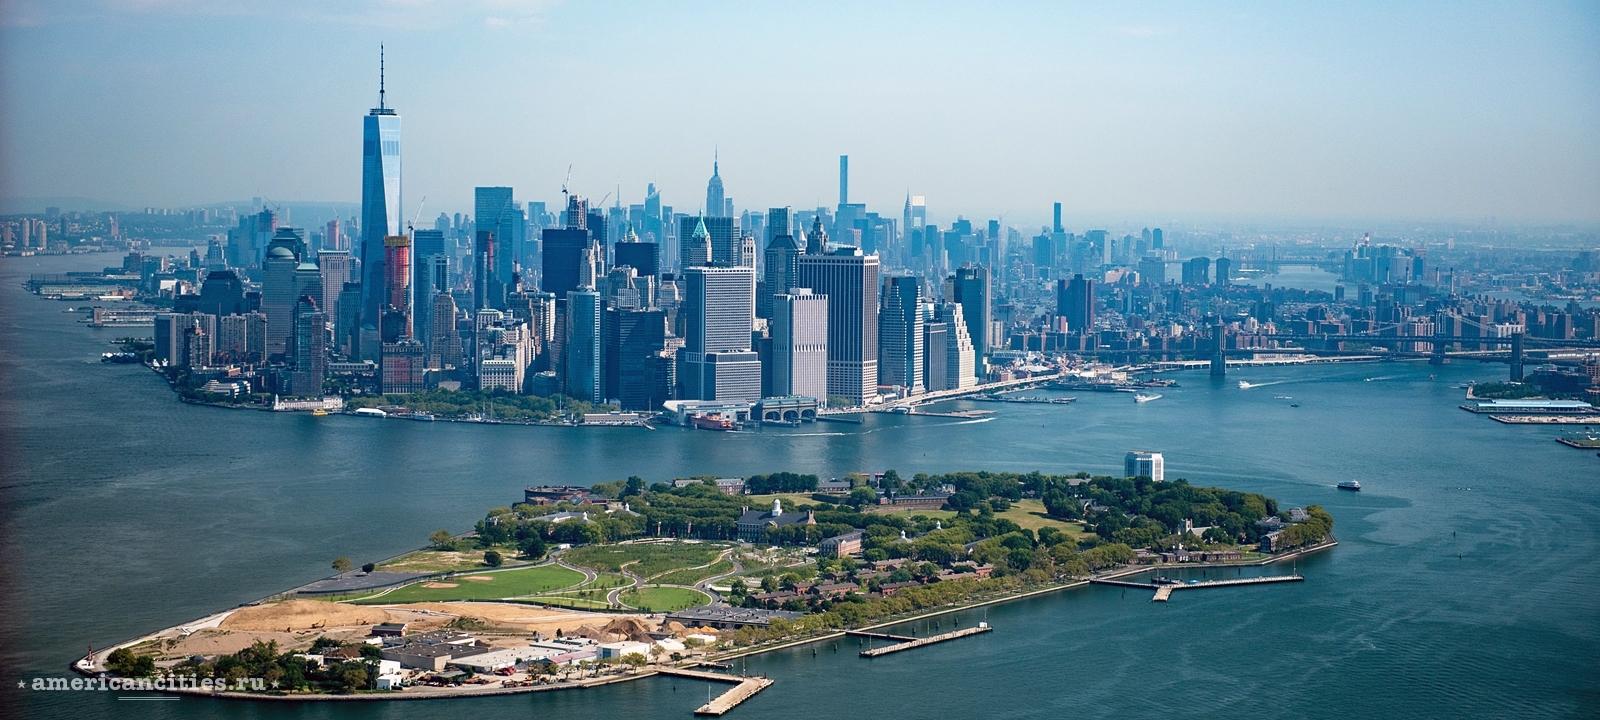 Нью-Йорк (Нью-Йорк) - Города США - Достопримечательности ...